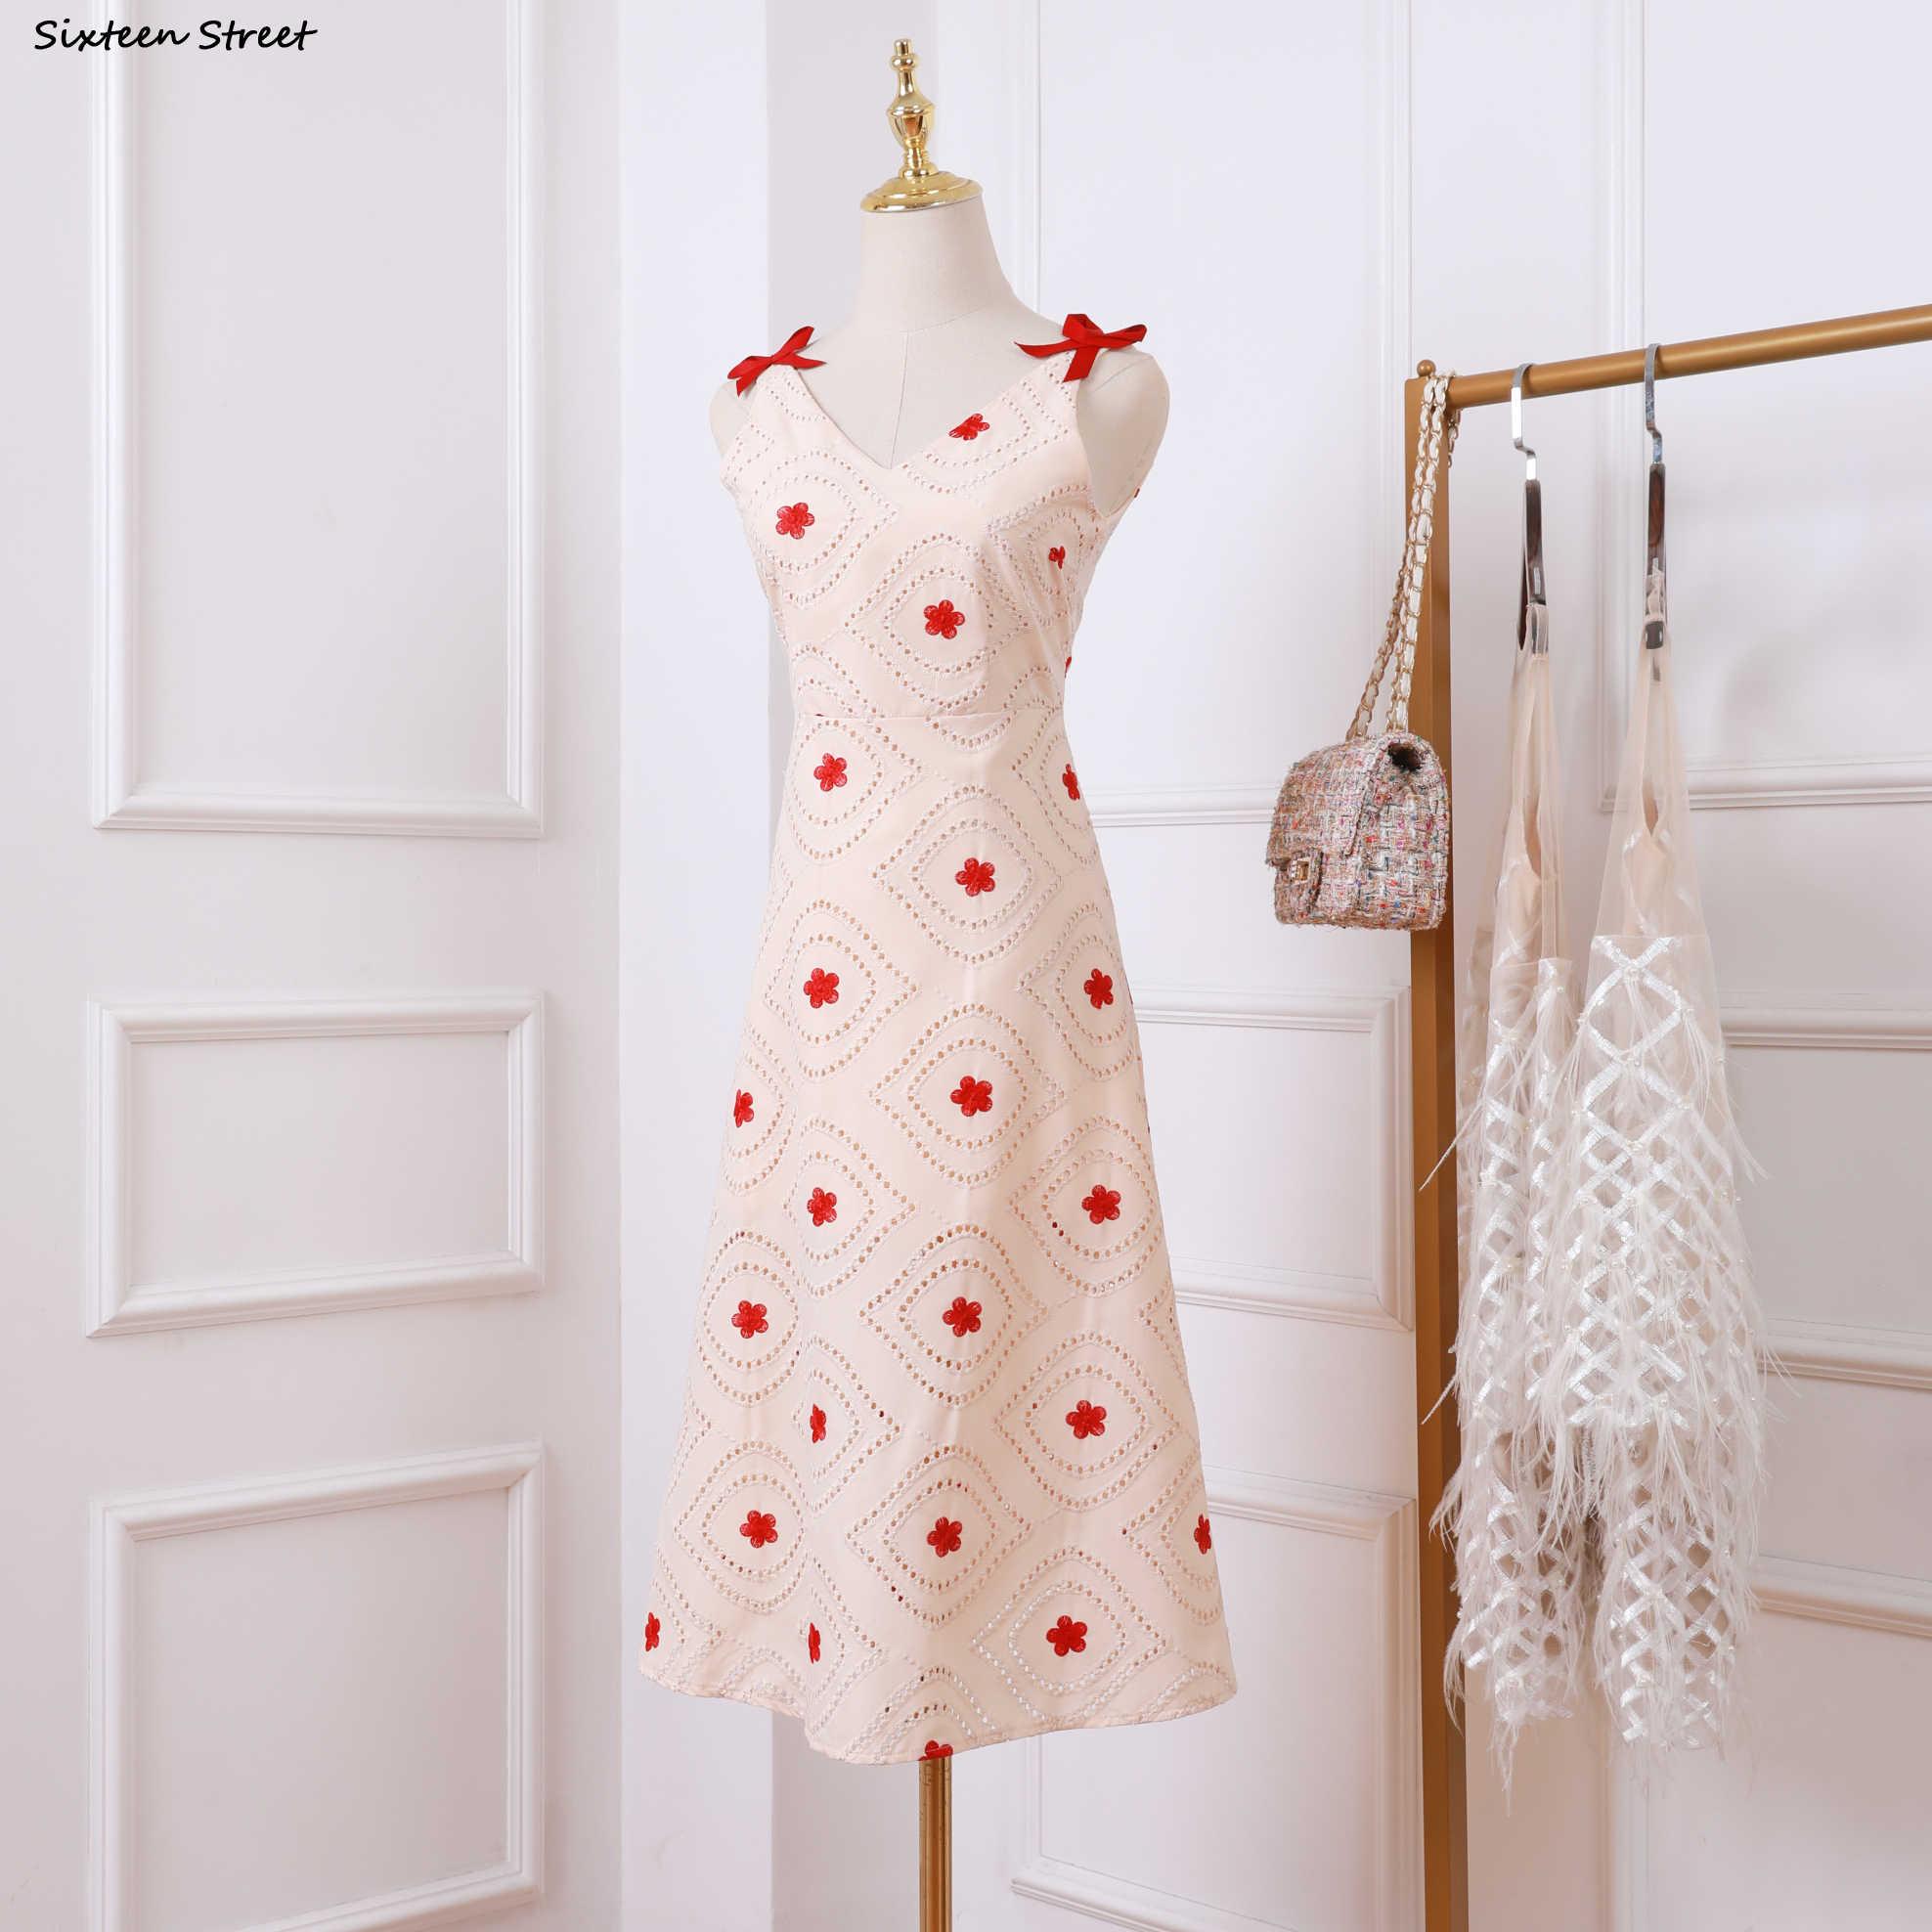 2020 夏アプリコット v ネックドレス女性の花ノースリーブ滑走路デザイン vestido 自己ドレス女性